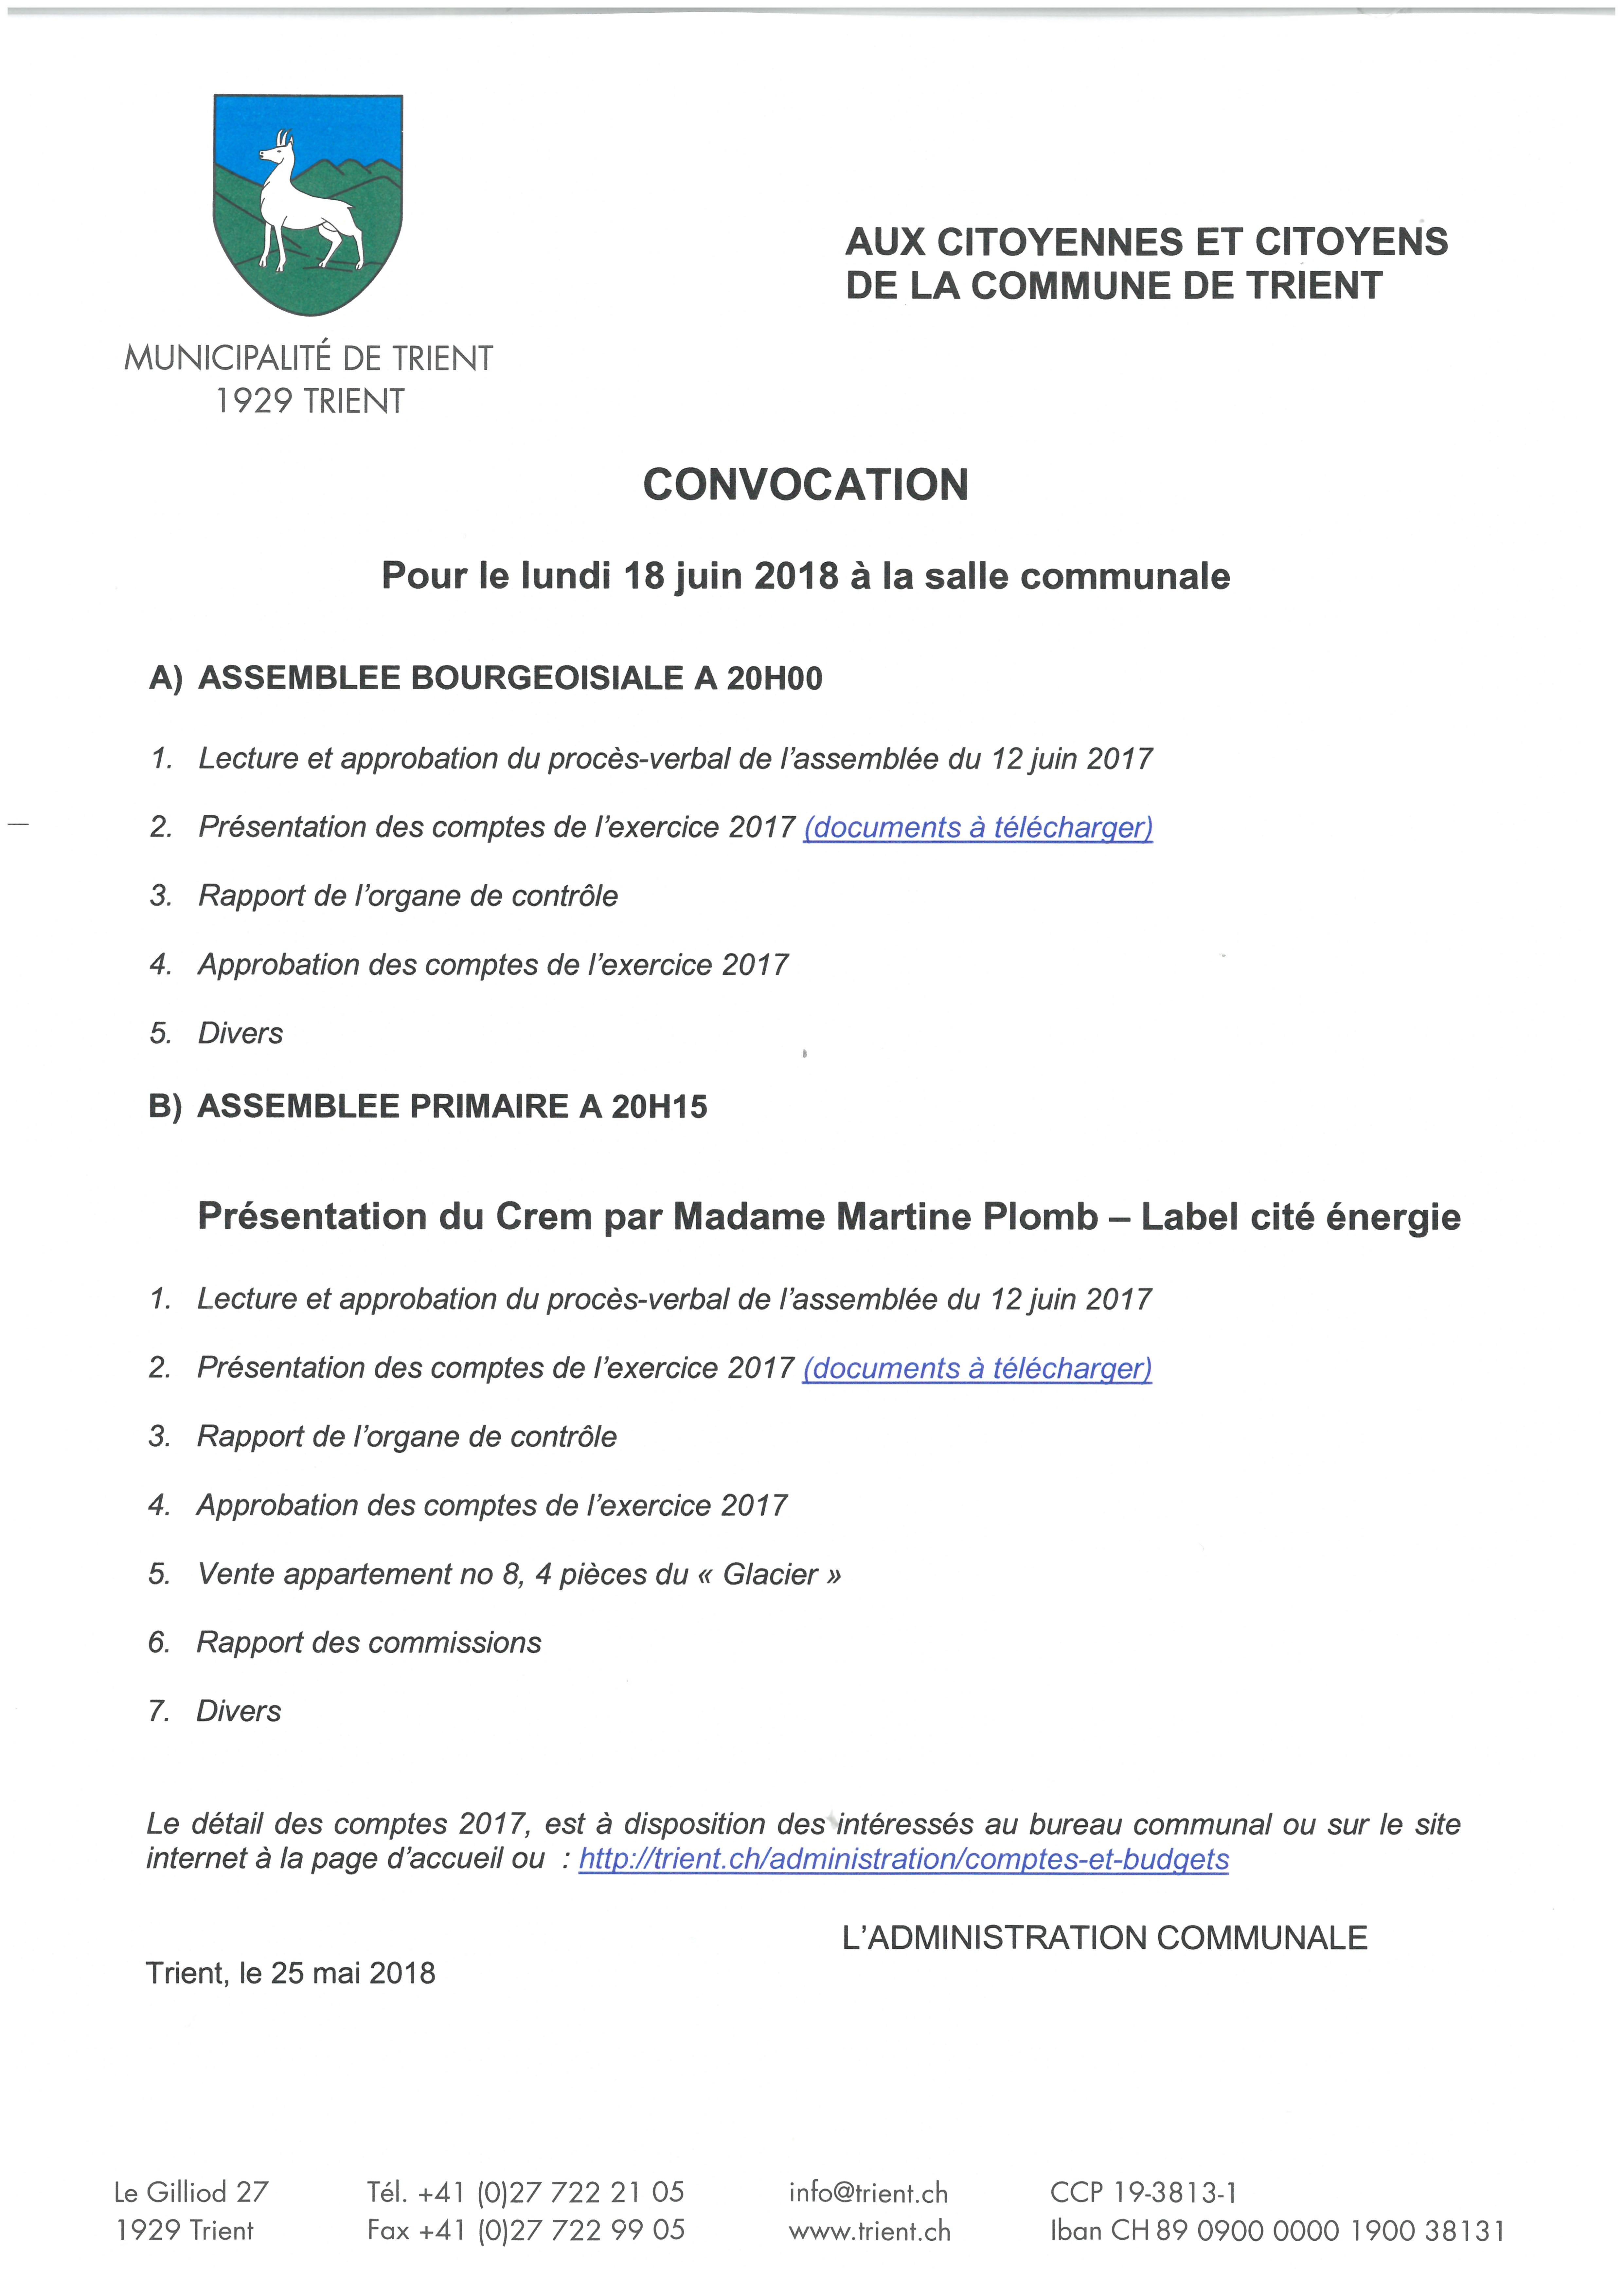 Convocation Assemblées bourgeoisiale et primaire